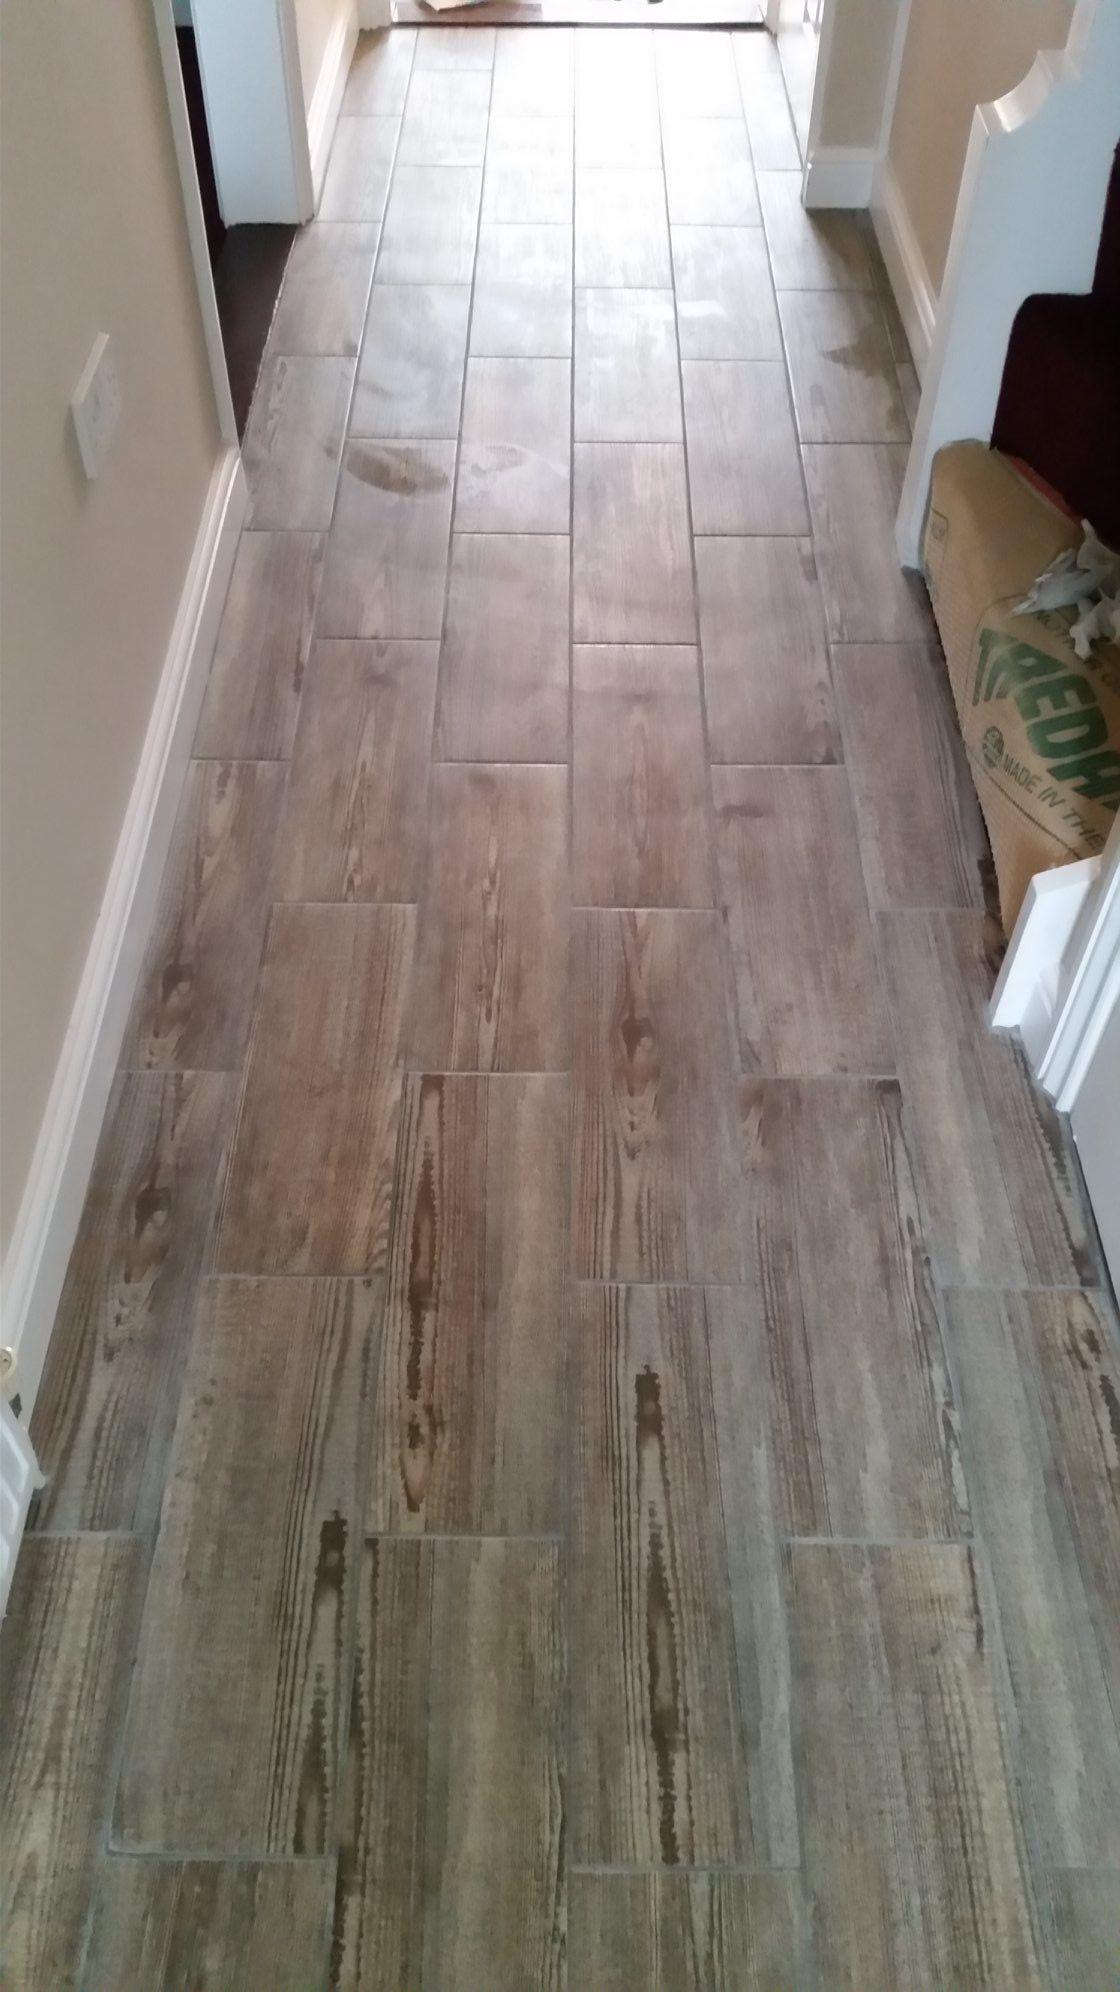 Woodgrain Tile Tiles Topps Tiles Hardwood Floors